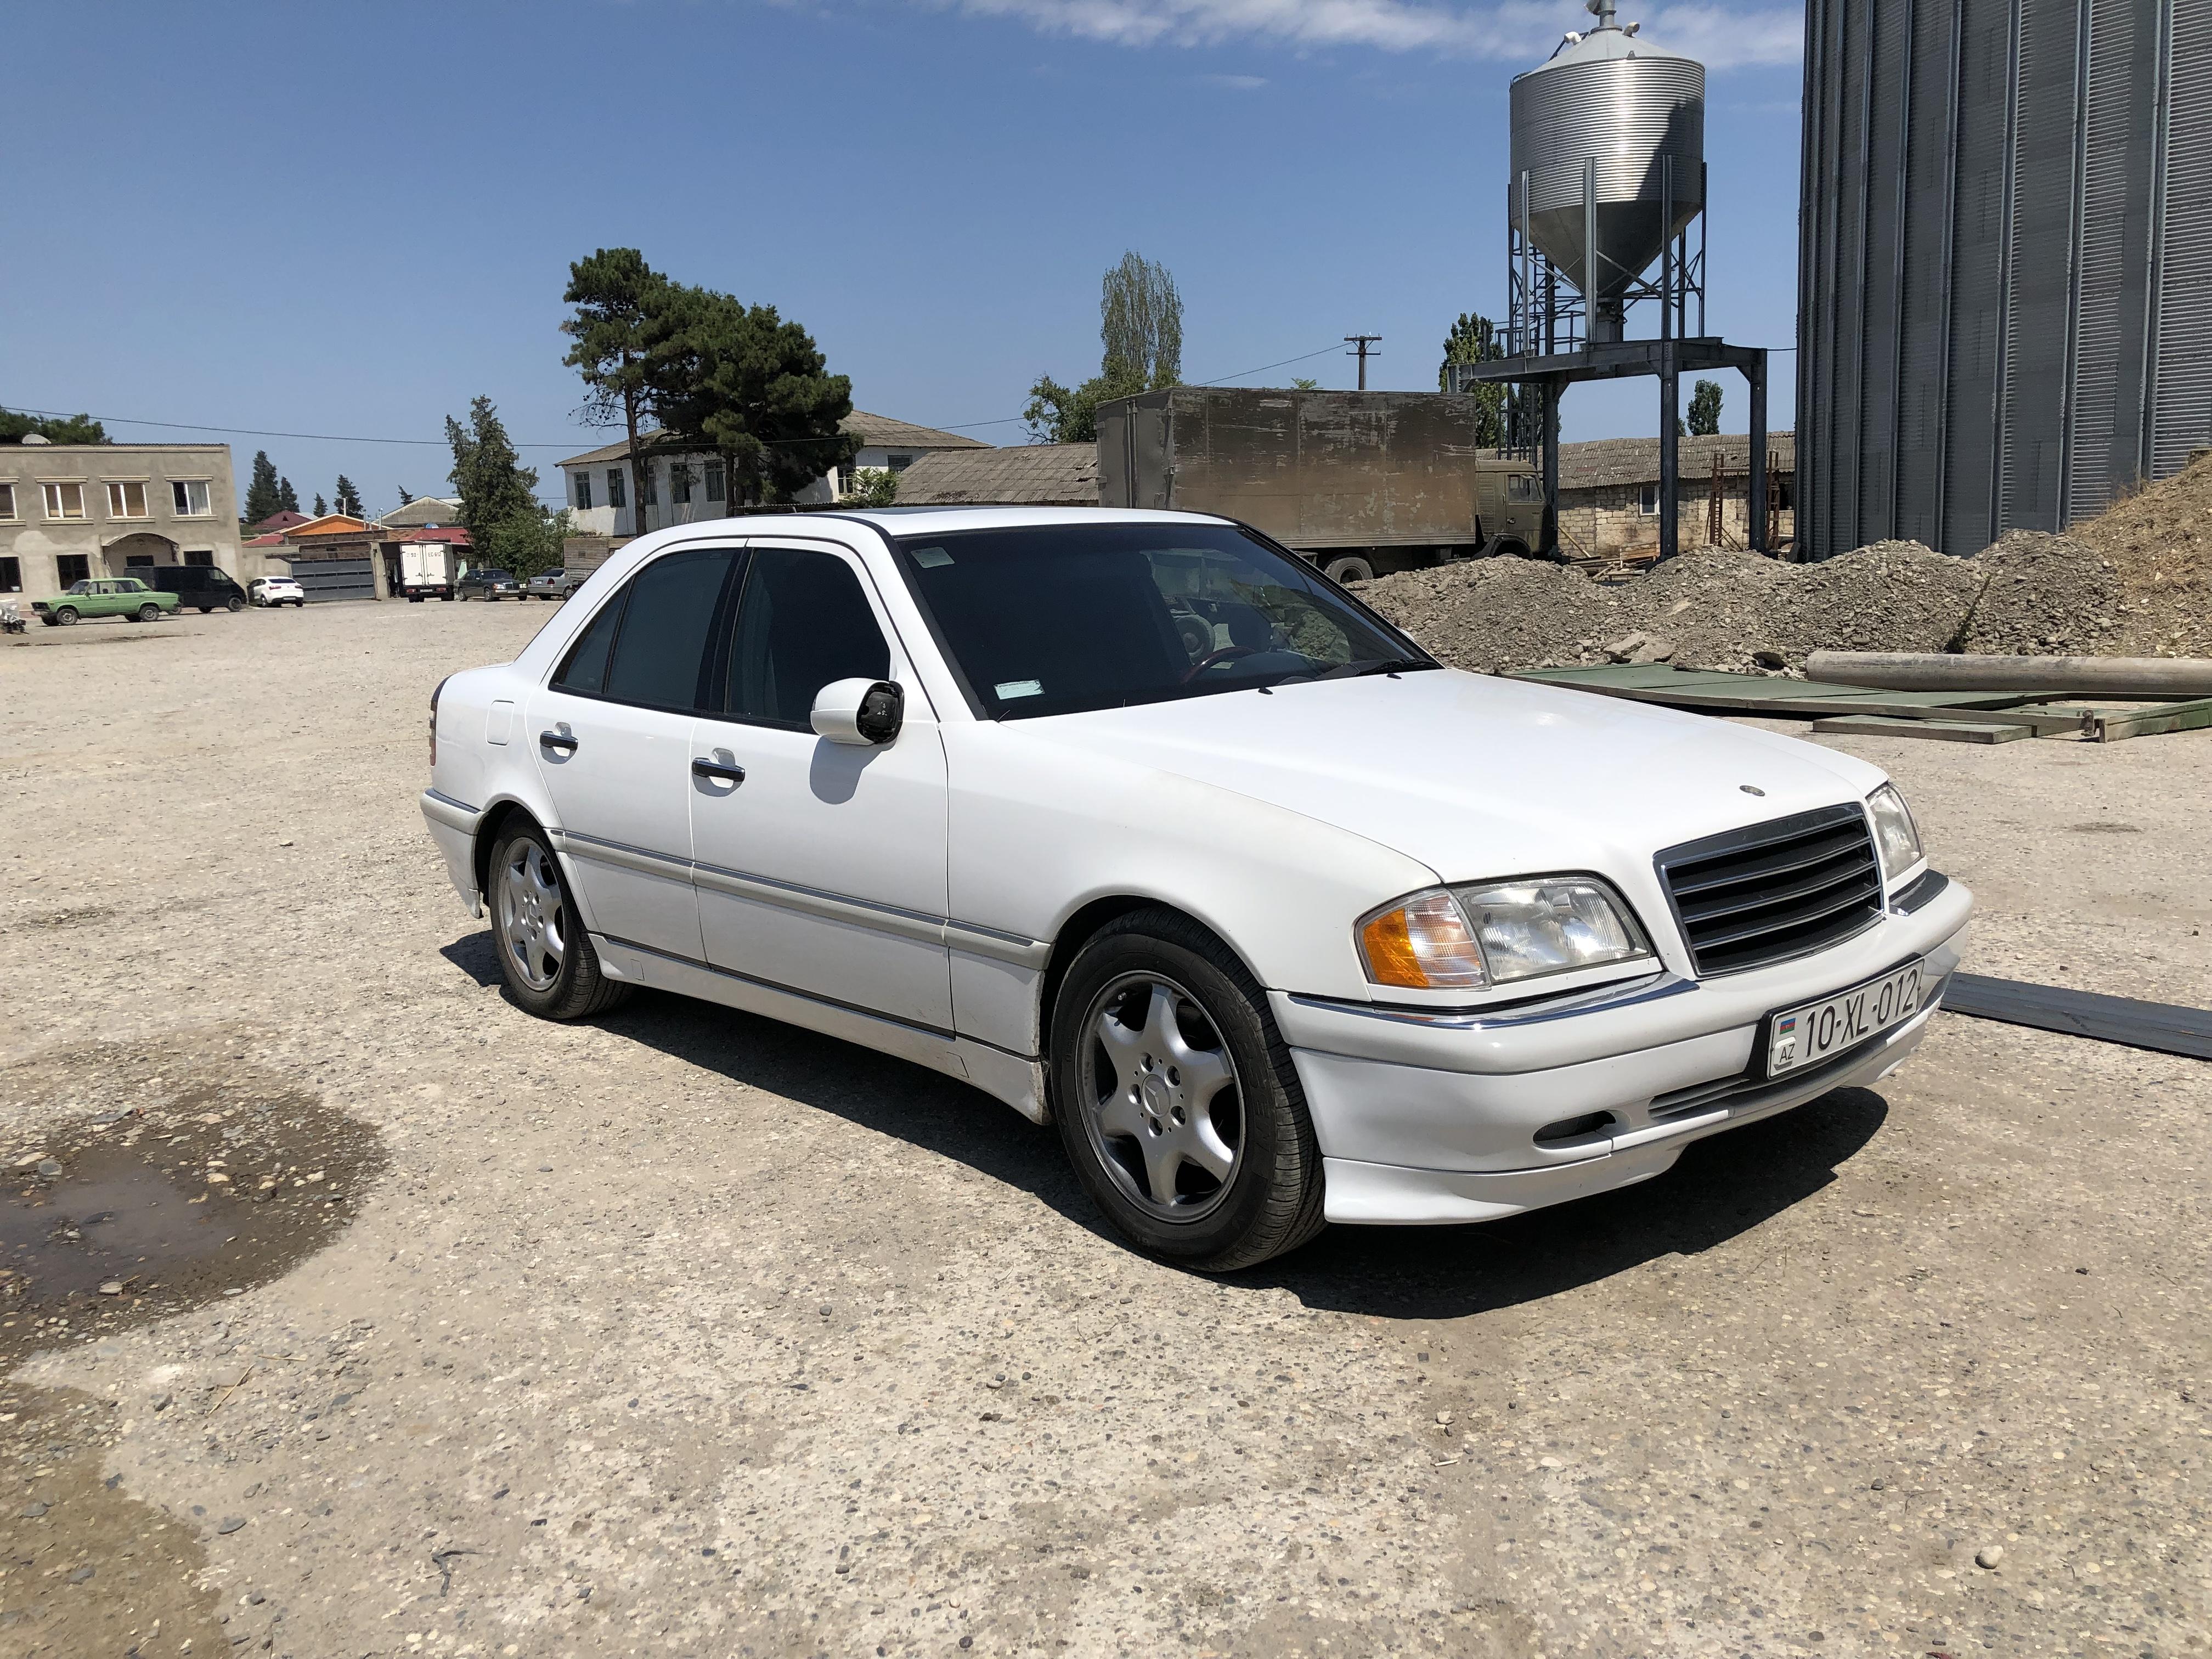 Mercedes-Benz C 280 2.8(lt) 2000 Подержанный  $13500